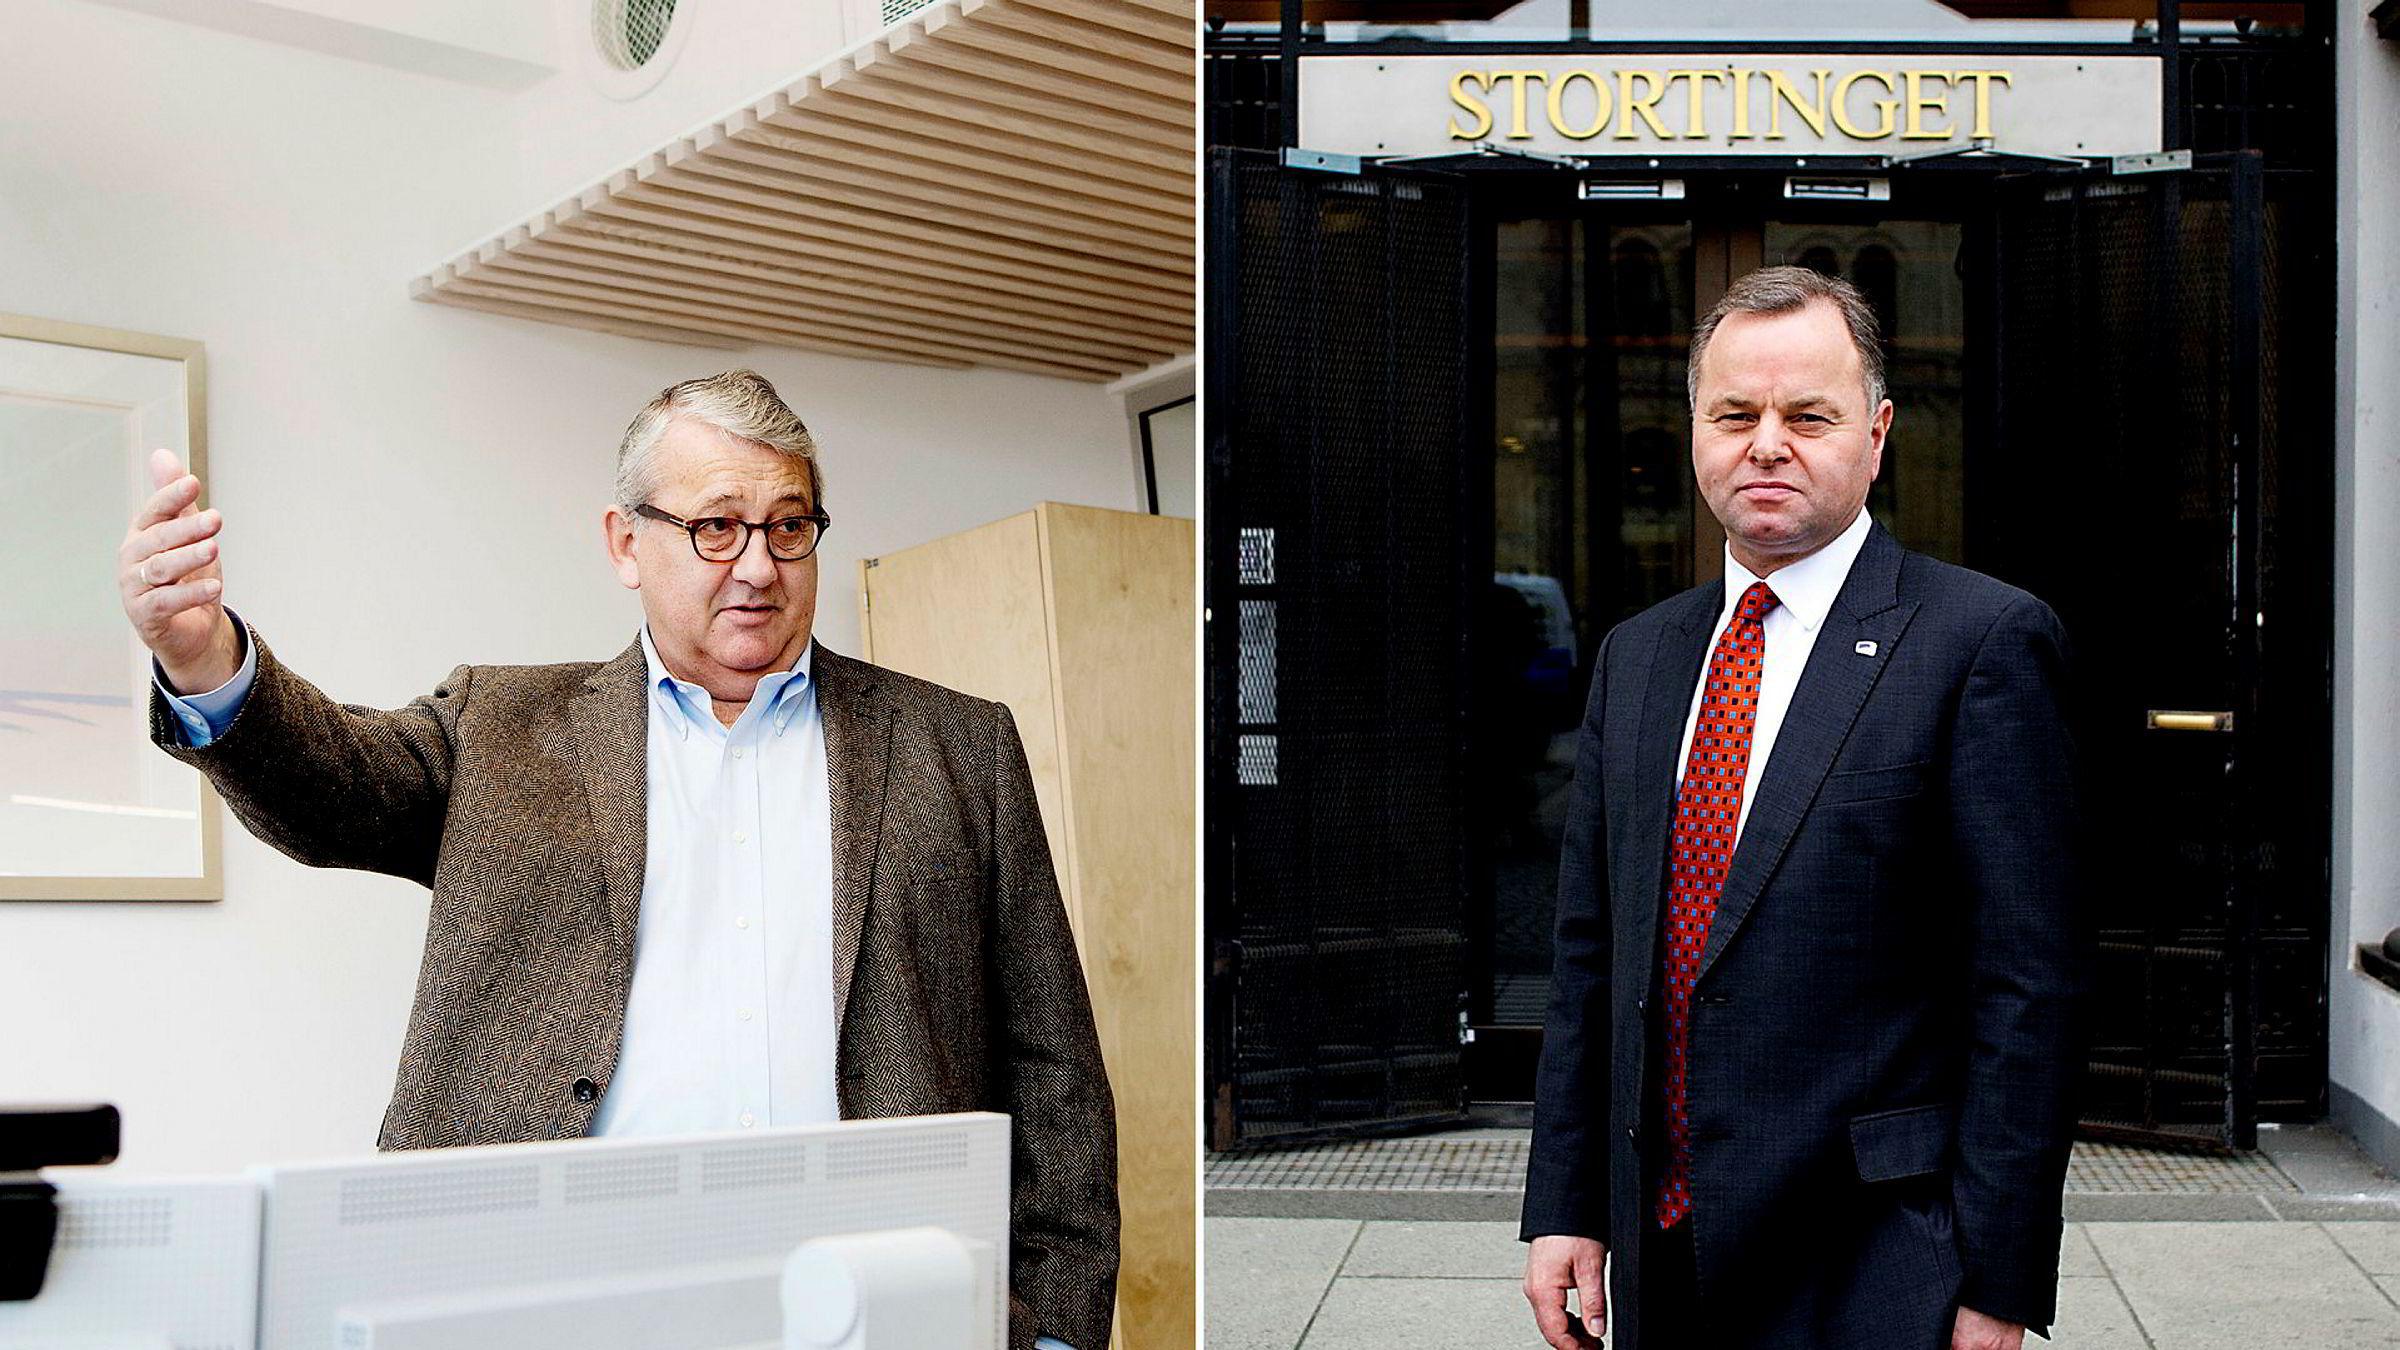 Riksrevisor Per-Kristian Foss (til venstre) har meldt at Riksrevisjonen ønsker å gjøre en såkalt efterlevelsesrevisjon av sikkerheten på Stortinget. Stortingspresident Olemic Thommesen mener Riksrevisjonen tildeler seg selv en rolle den ikke skal ha.